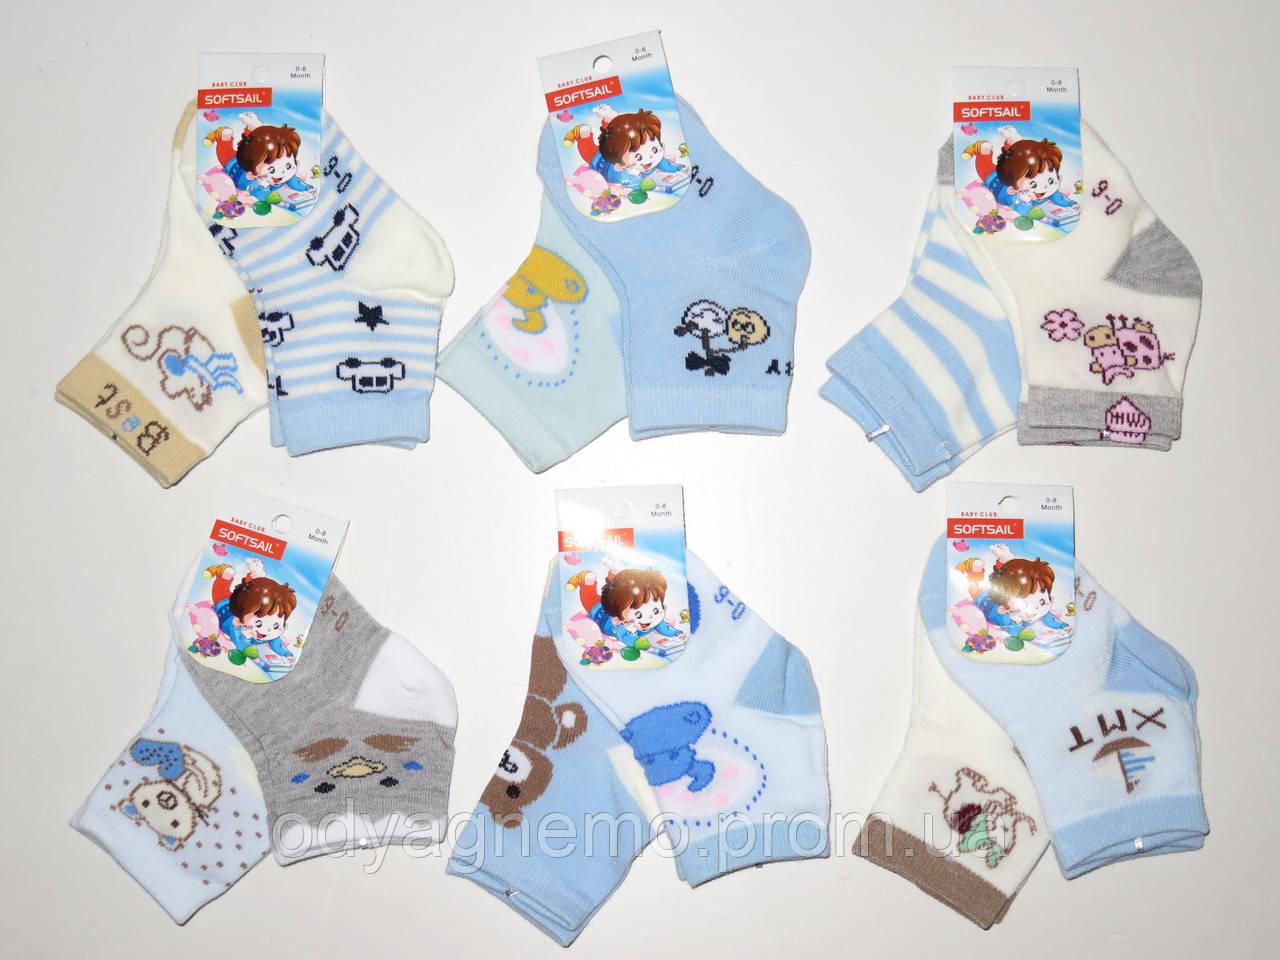 Детские носки для мальчиков Softsail оптом ,0/8-9/16 мес.